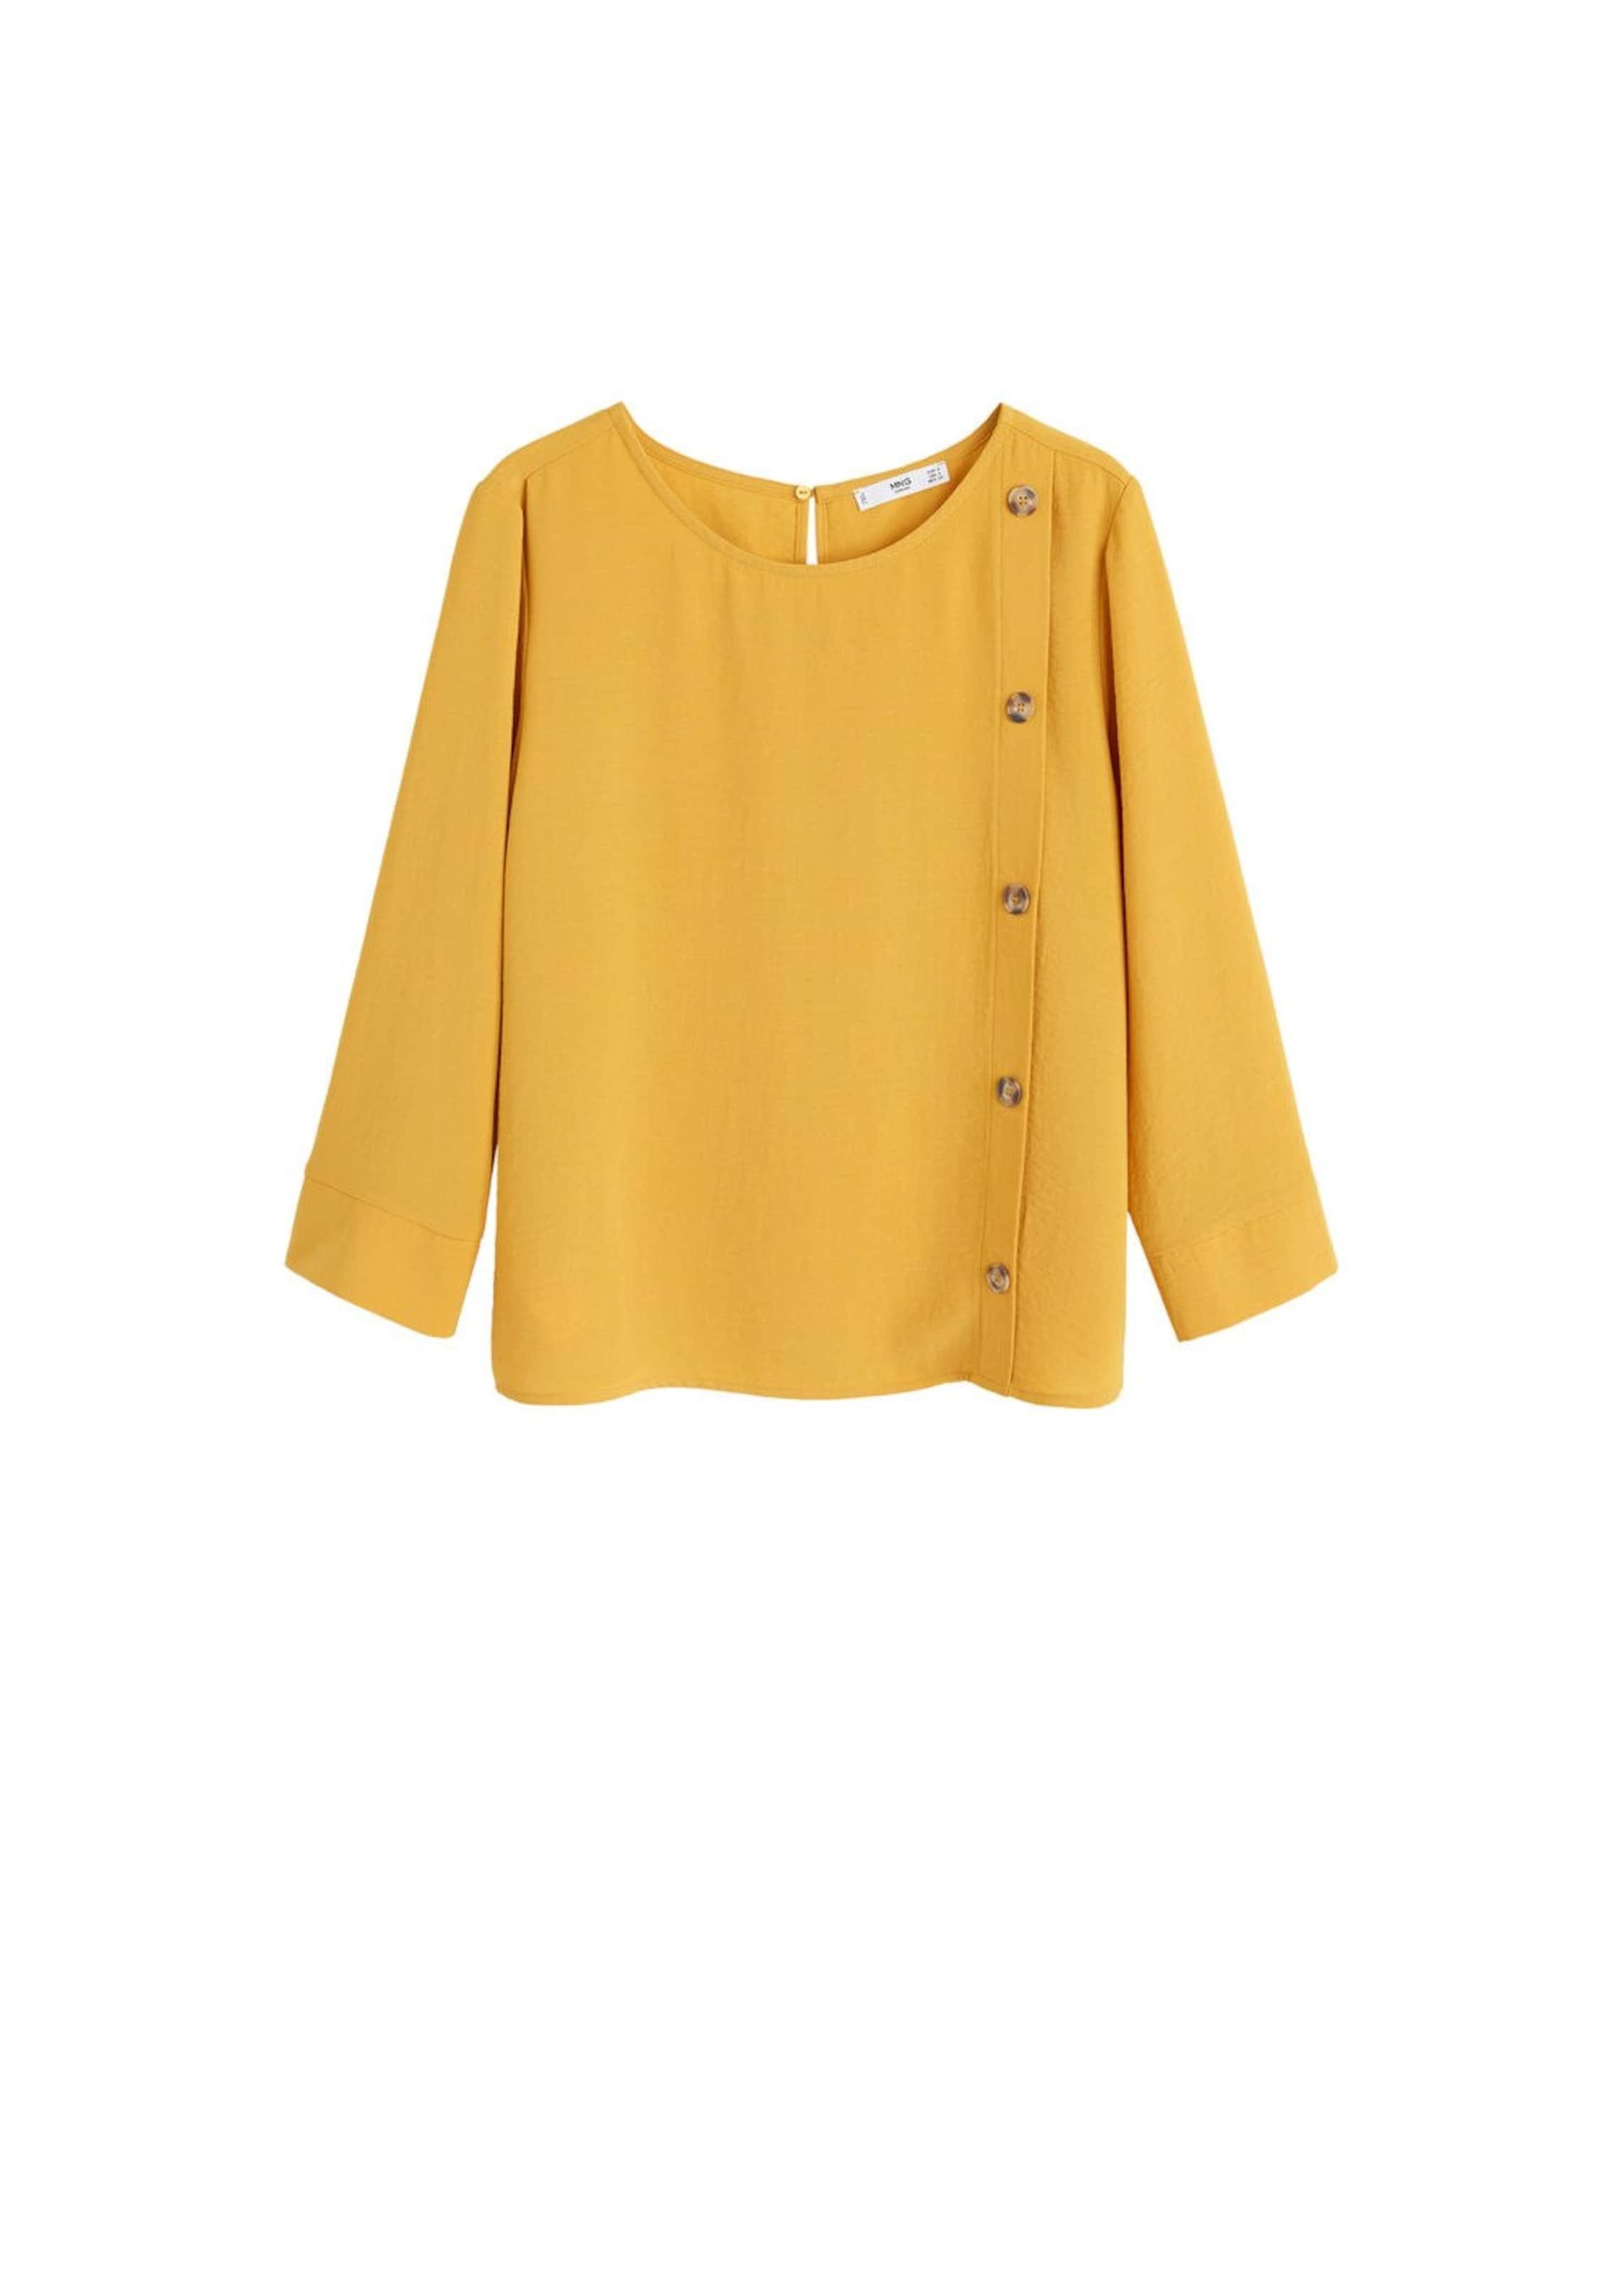 'london In h' Bluse Mango Senf ygfY6b7v